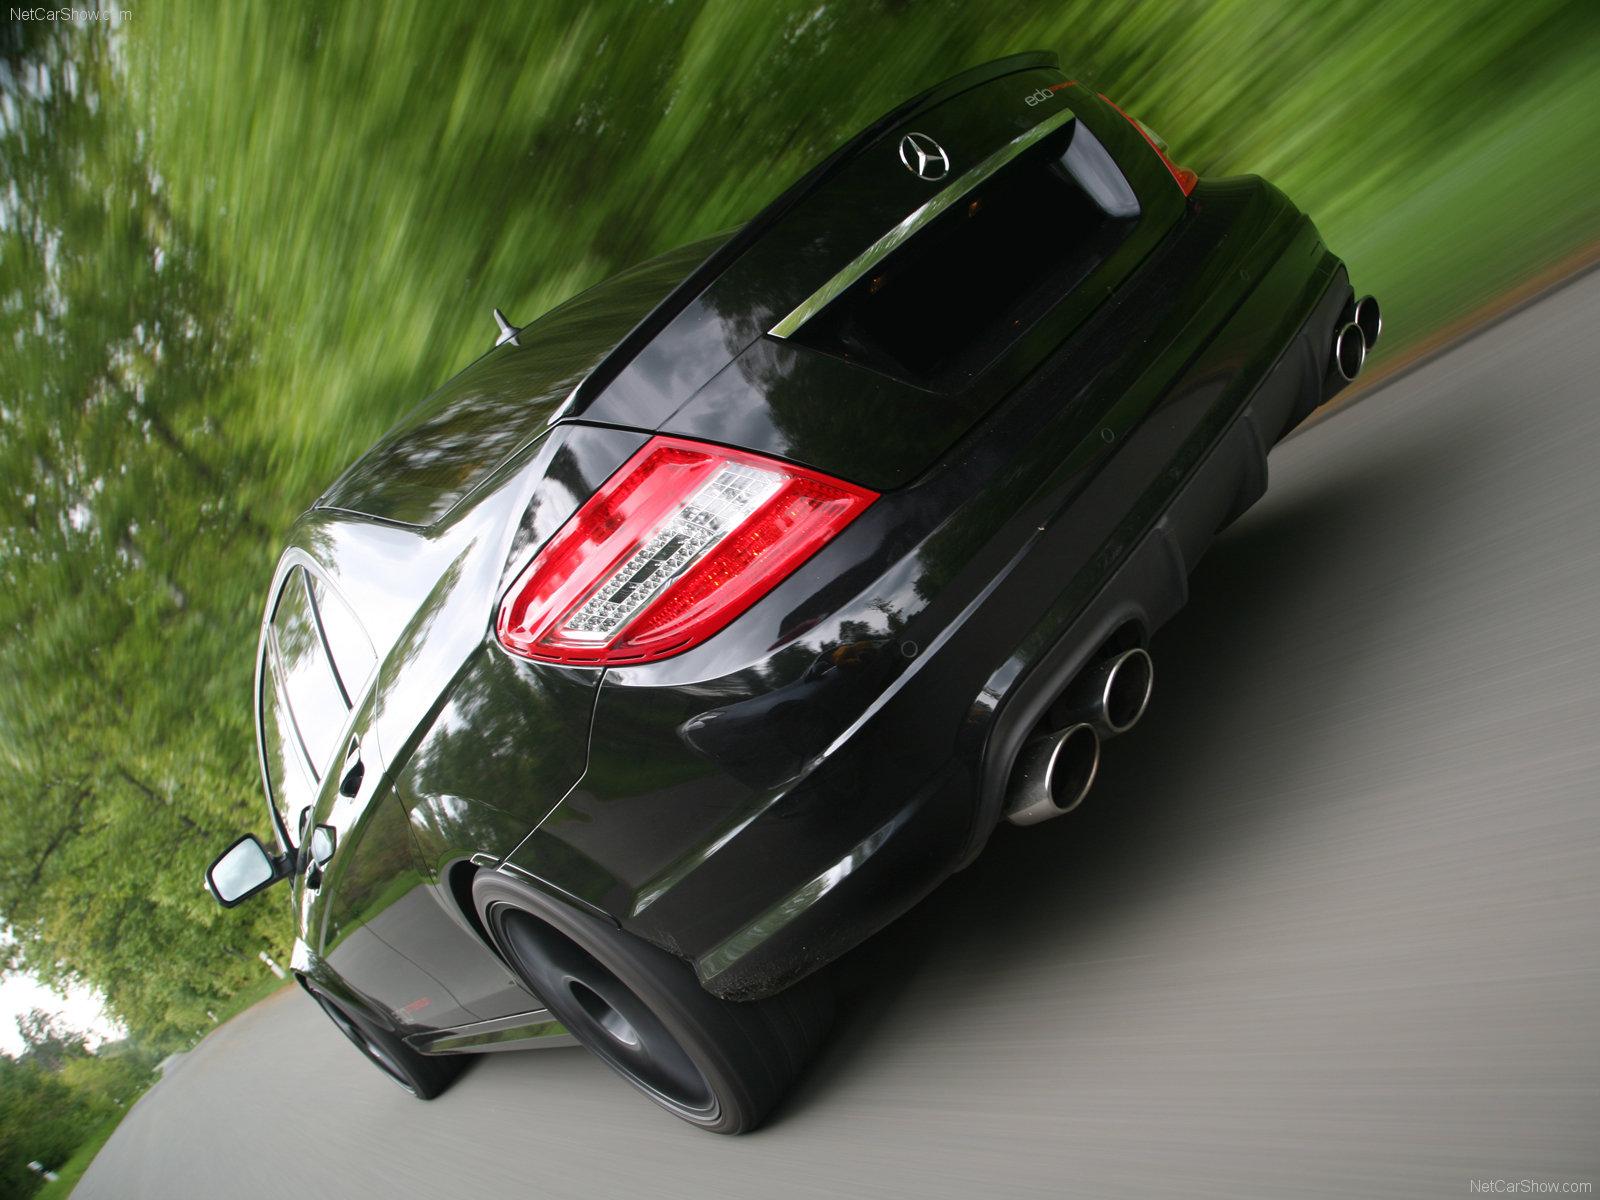 Hình ảnh siêu xe Edo Mercedes-Benz C63 AMG 2009 & nội ngoại thất